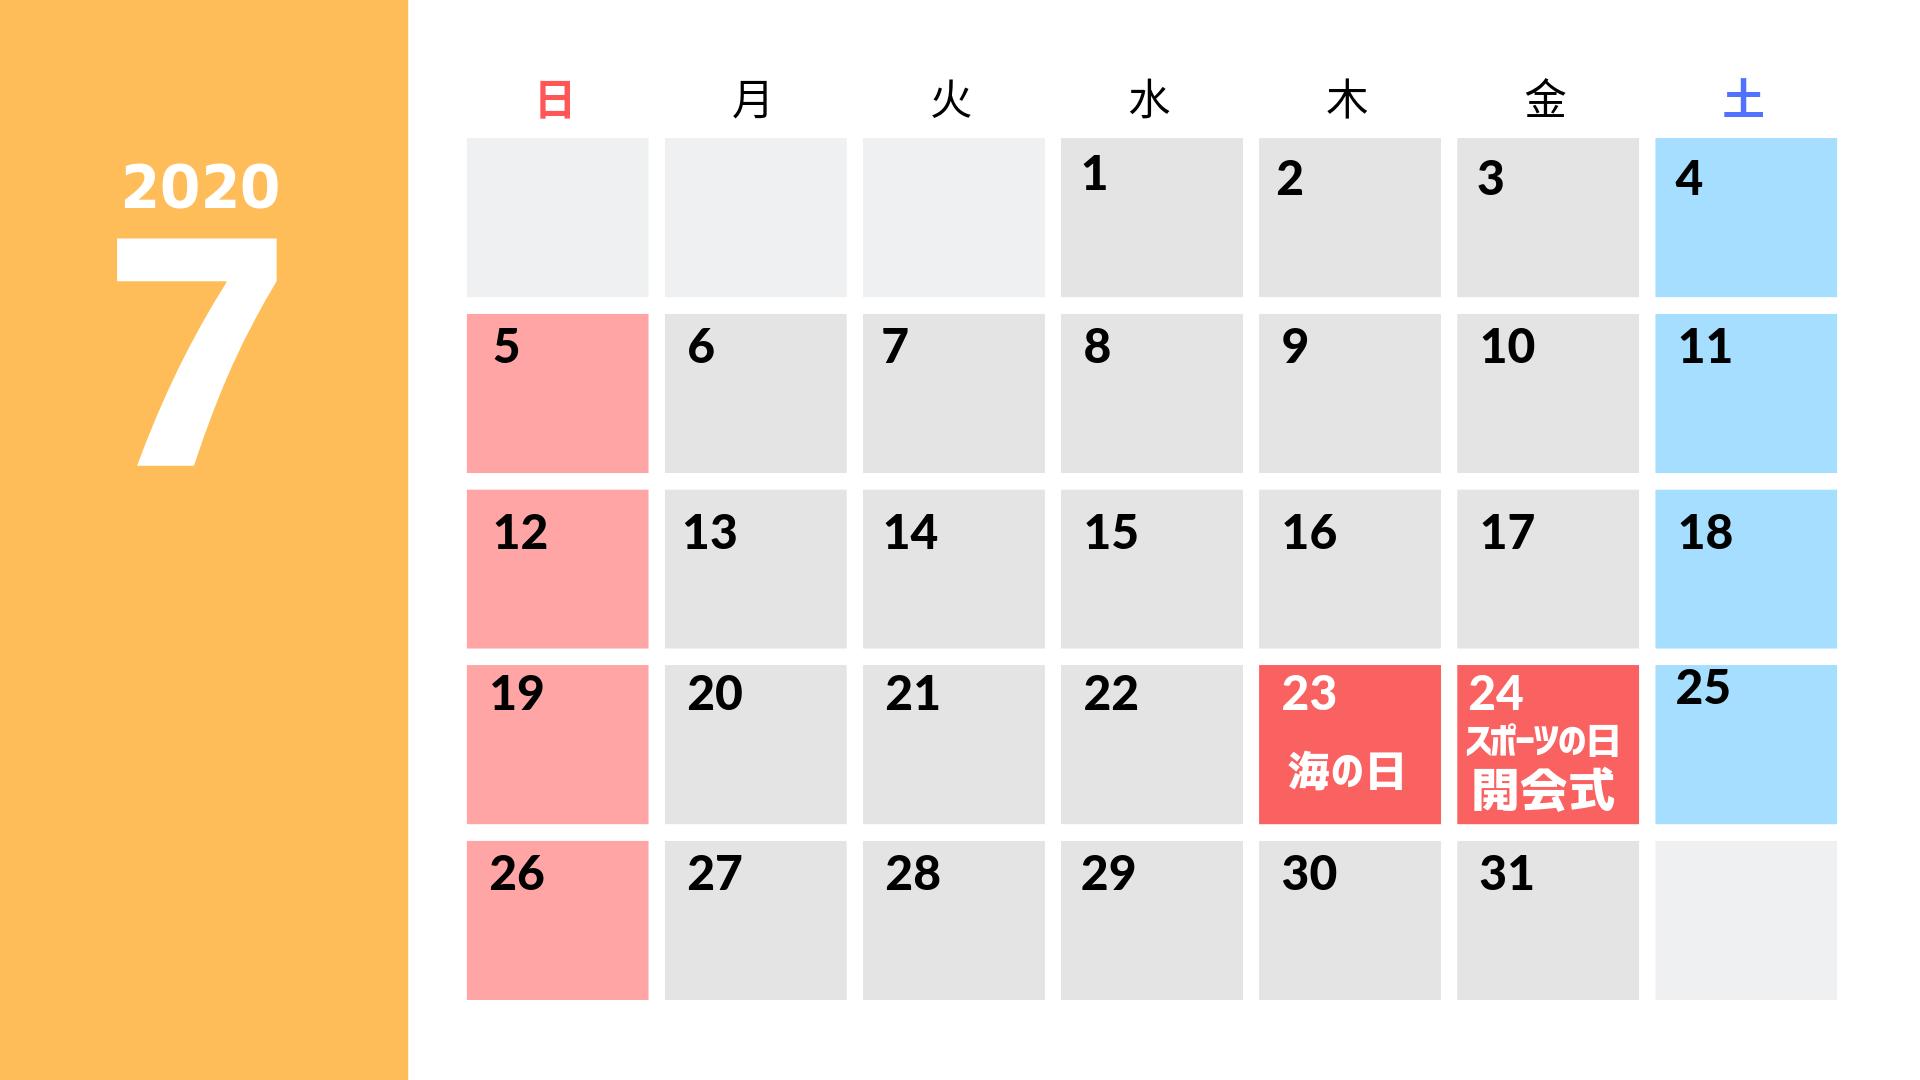 2020 年 祝日 カレンダー